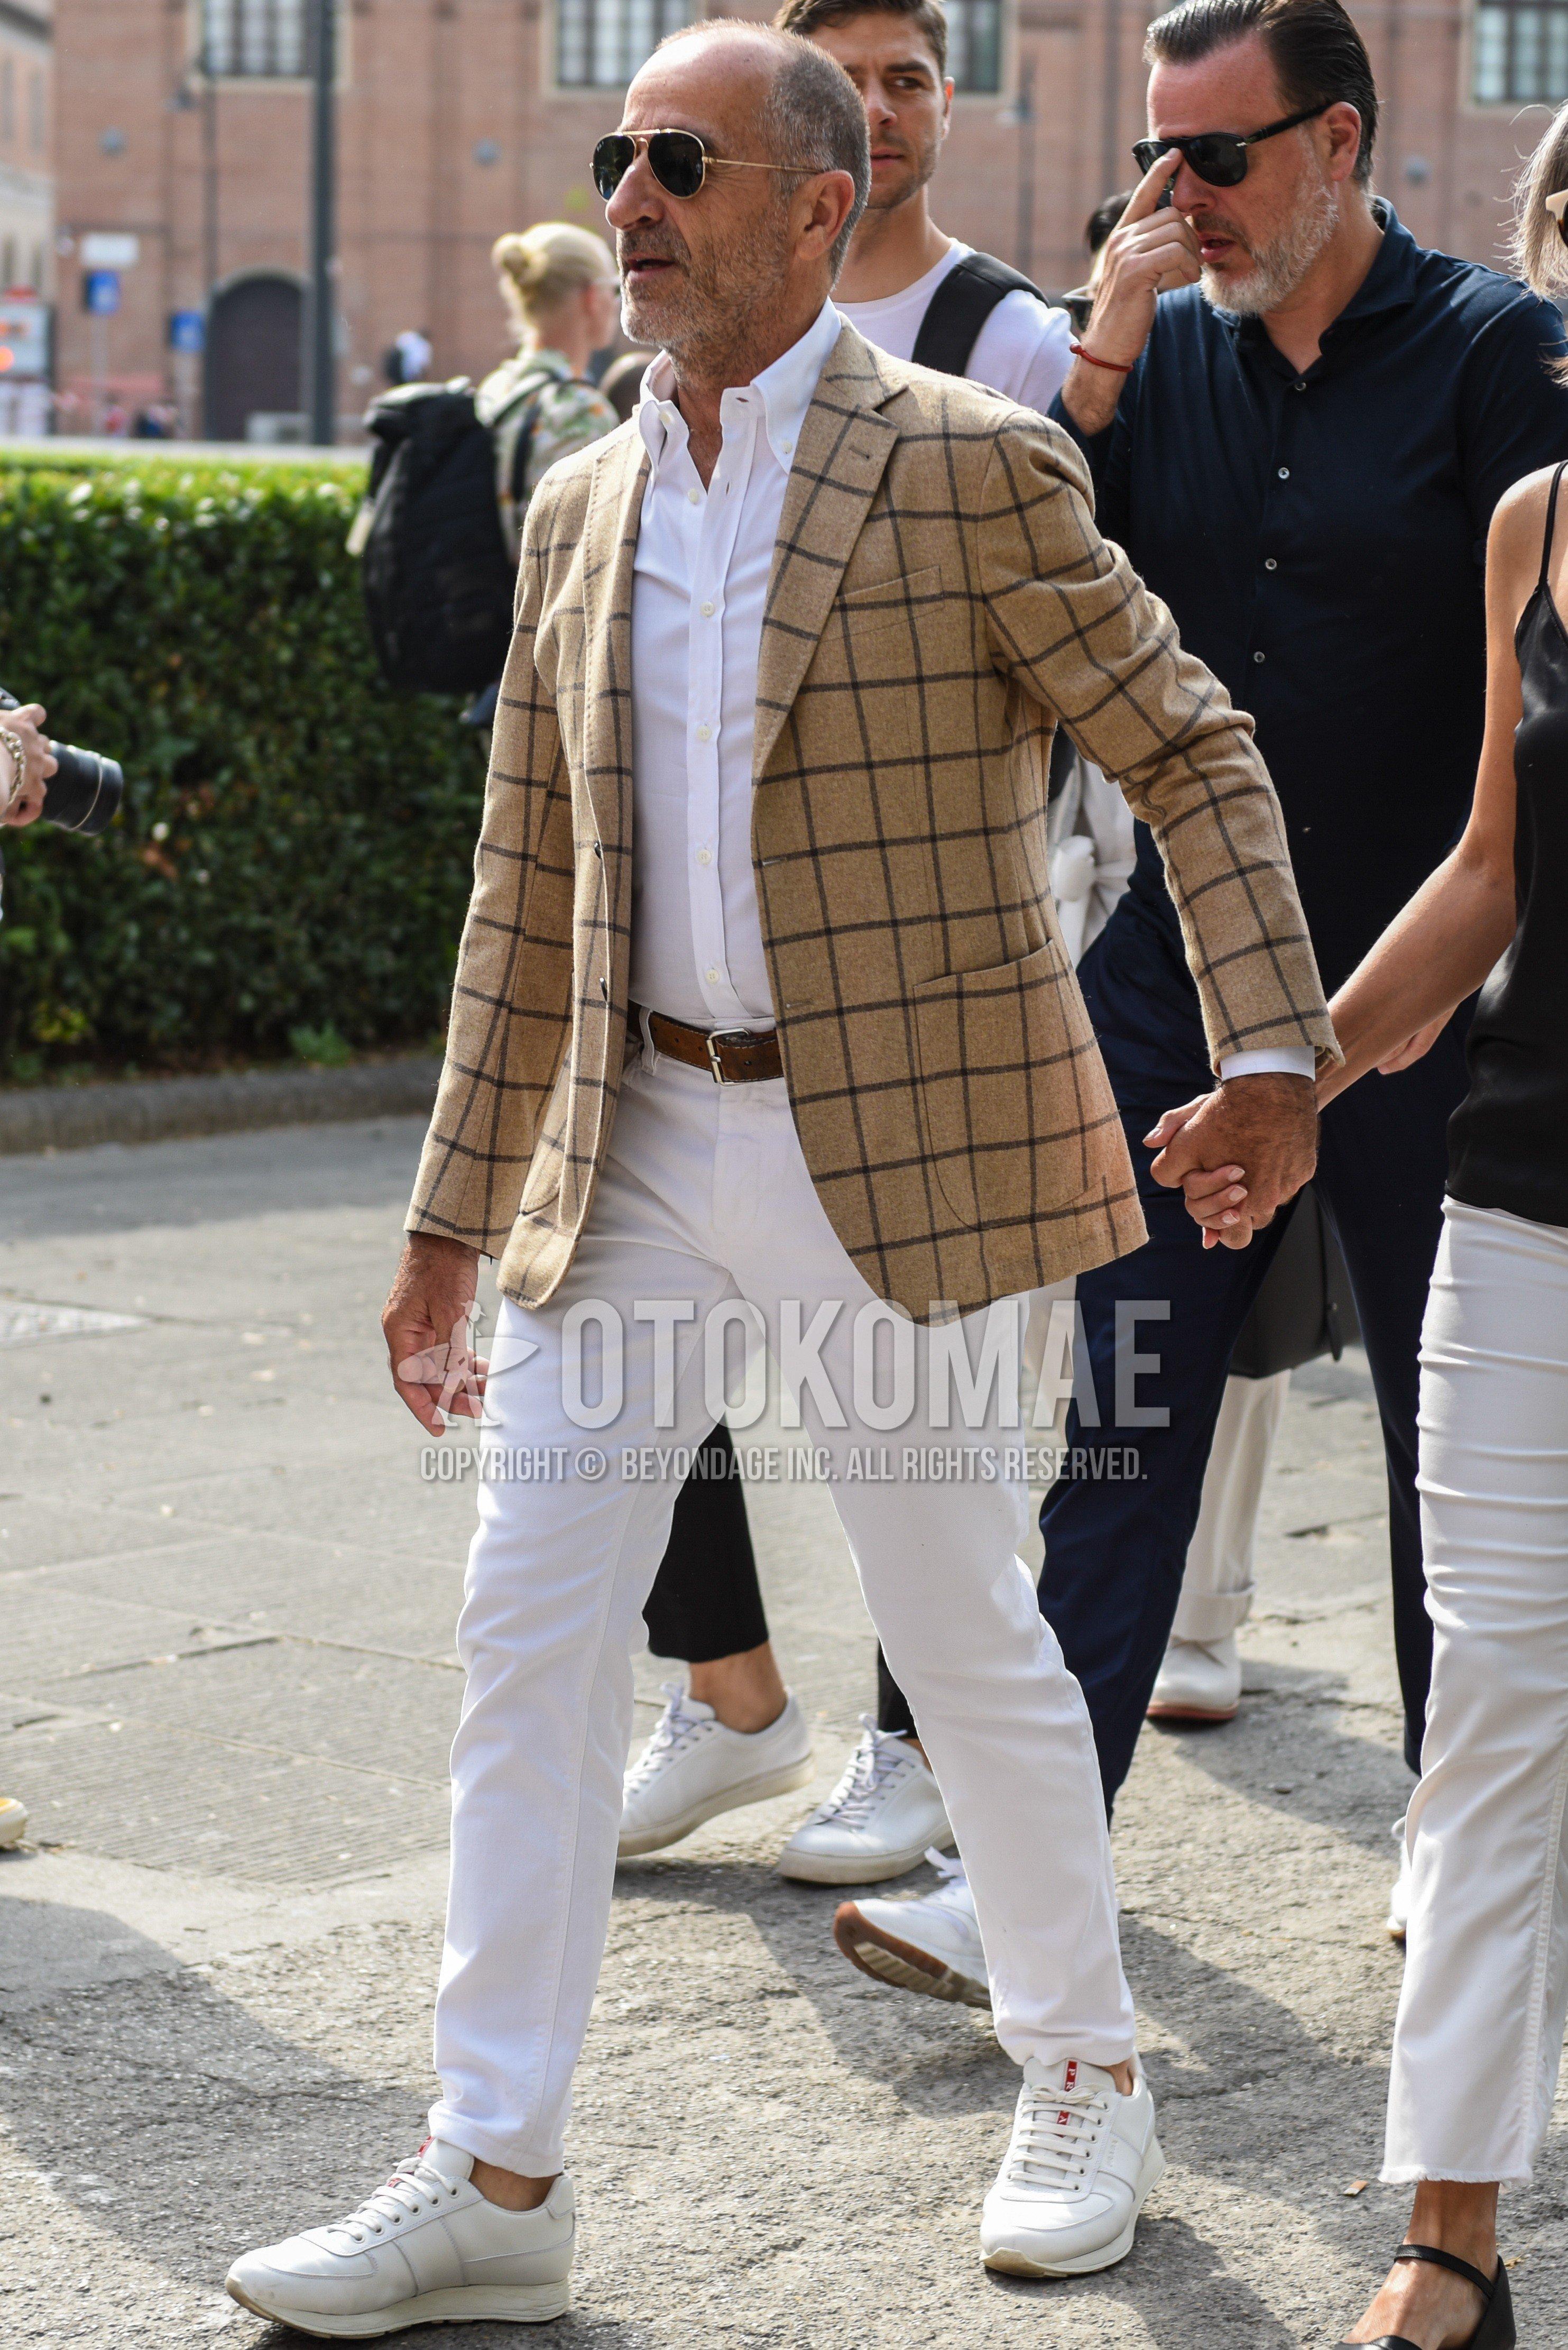 ゴールド無地のサングラス、ベージュチェックのテーラードジャケット、白無地のシャツ、ブラウン無地のレザーベルト、白無地のコットンパンツ、白ローカットのスニーカーを合わせた春夏秋のメンズコーデ・着こなし。